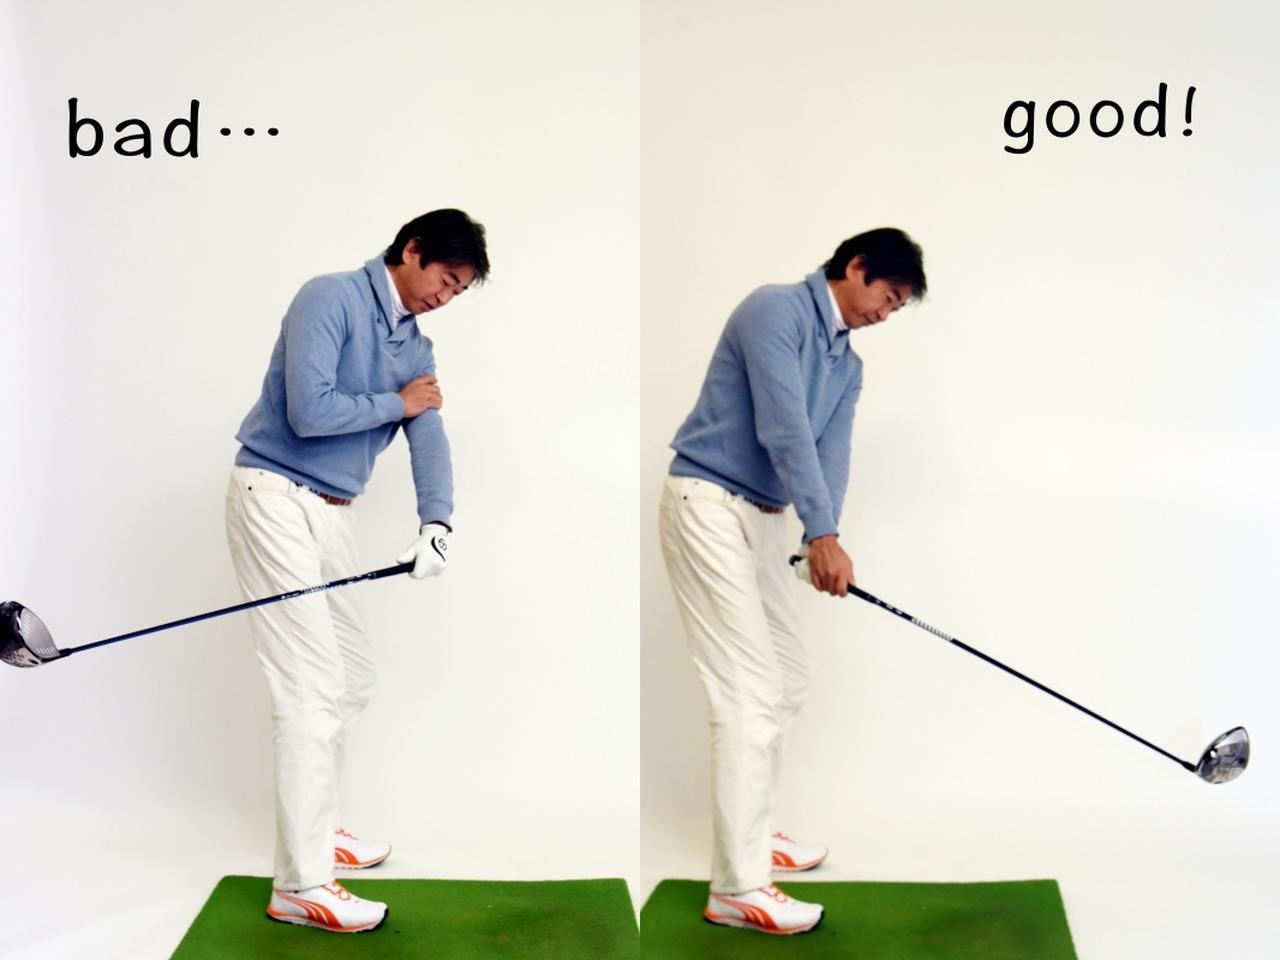 画像: 始動からいきなりクラブをインサイドに引き込む人が多いが、これは間違い(写真左)。感覚としてはアウトに上がるくらいで正解